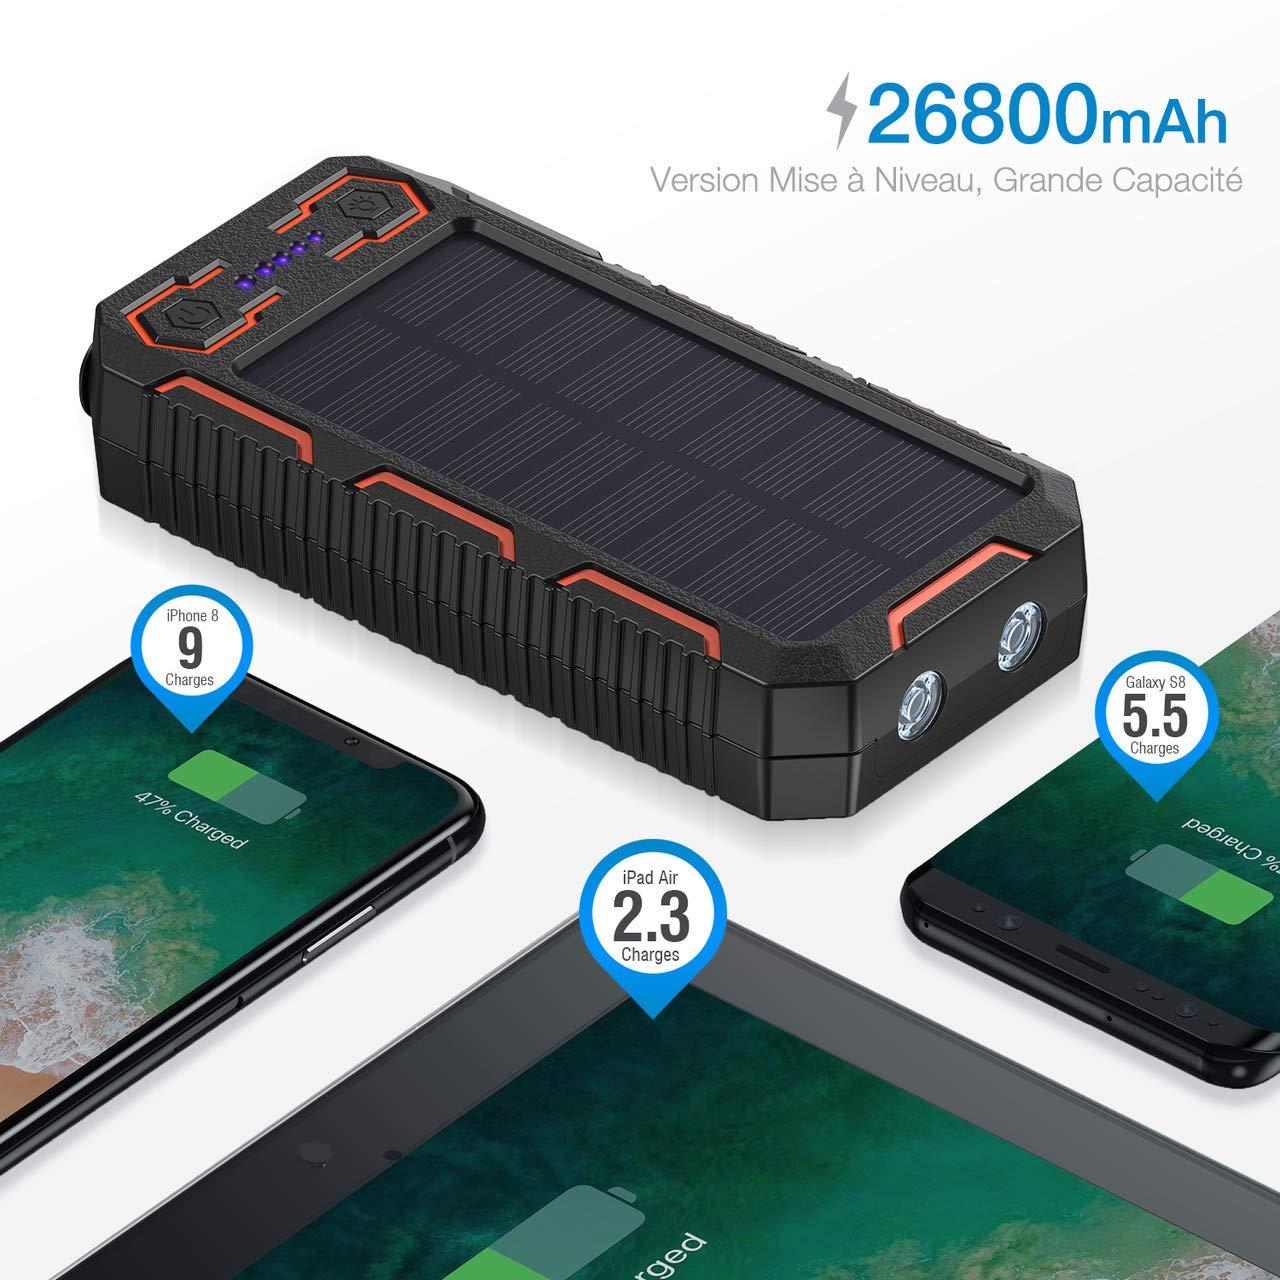 POWERADD Chargeur Solaire 26800mAh, Batterie Externe Solaire avec Double Entrée Deux Lampes LED Briquet Intégré pour iPhone, iPad, Samsung, Nexus, Huawei et d\'autres Appareils